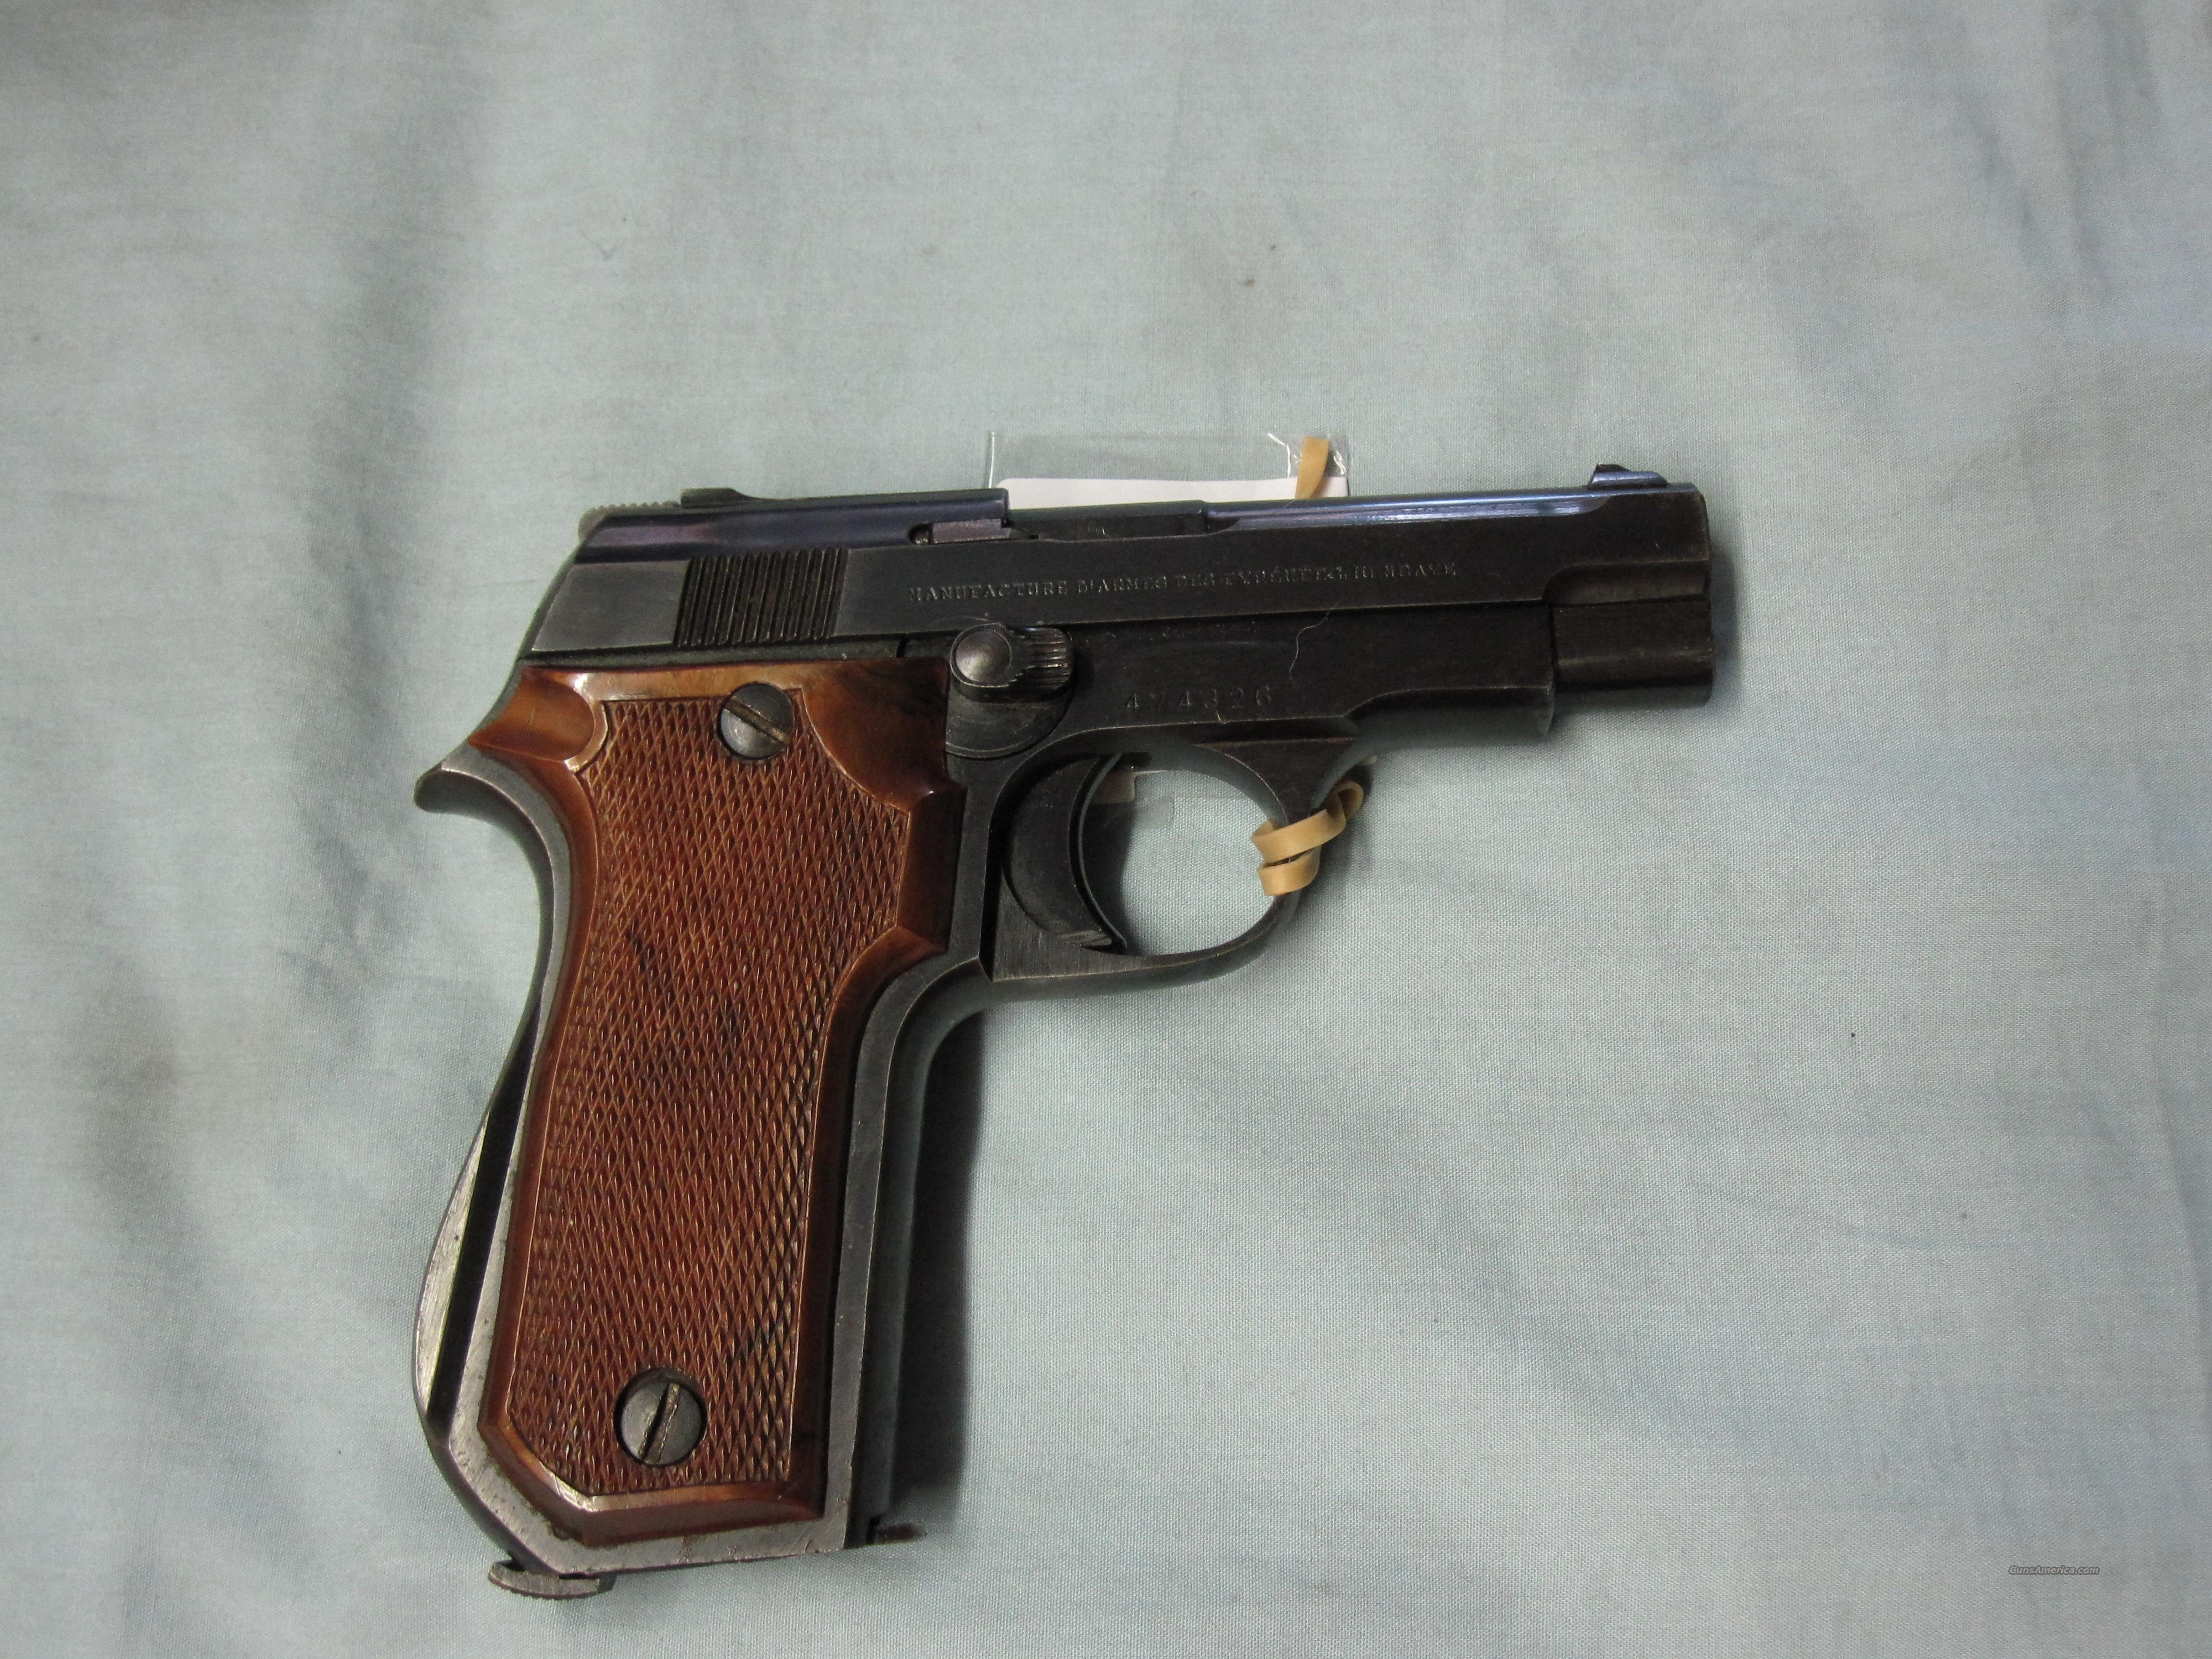 Unique Mod 52 Pistol 3 3 Quot Barrel 22cal For Sale